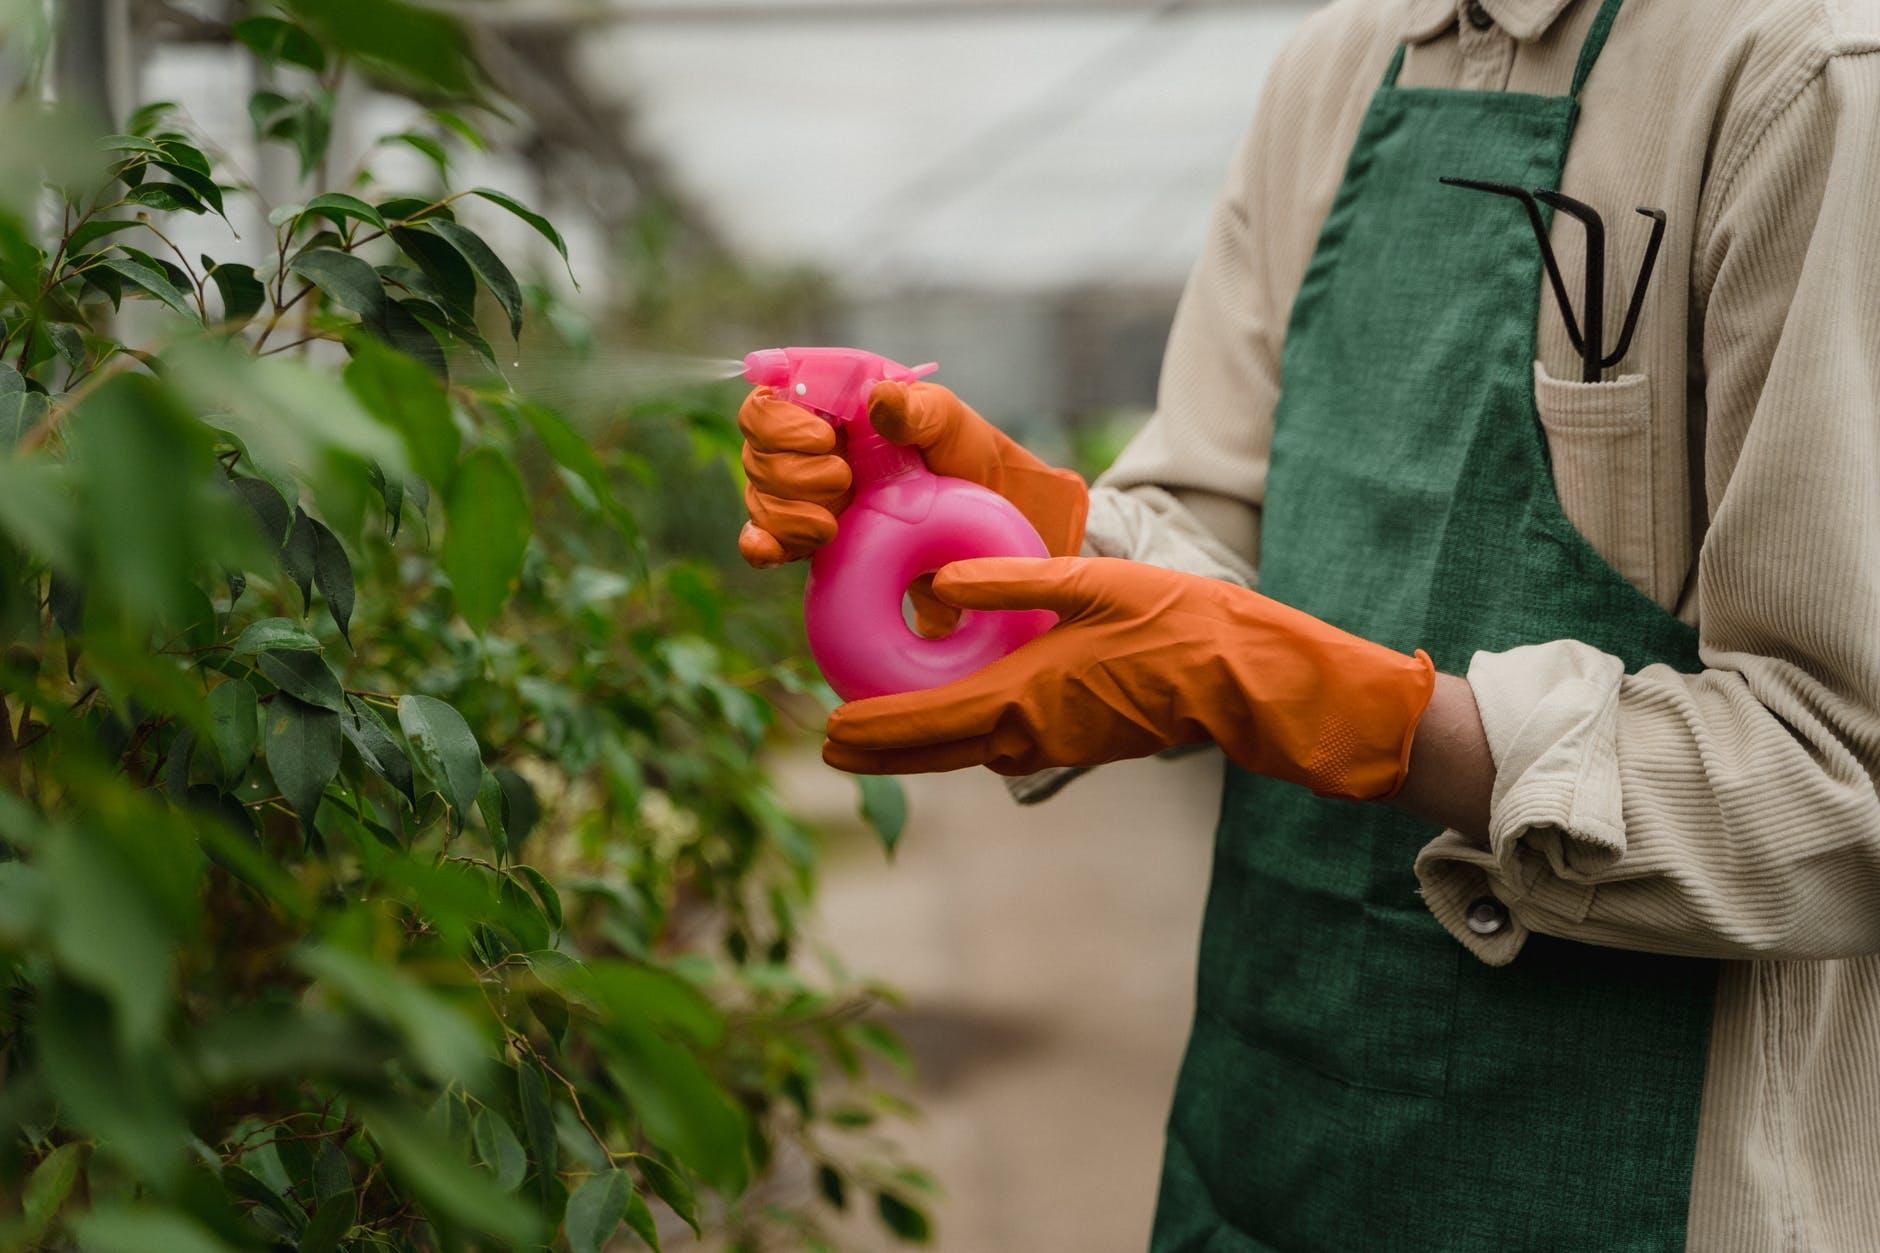 Best gardening gloves 2021